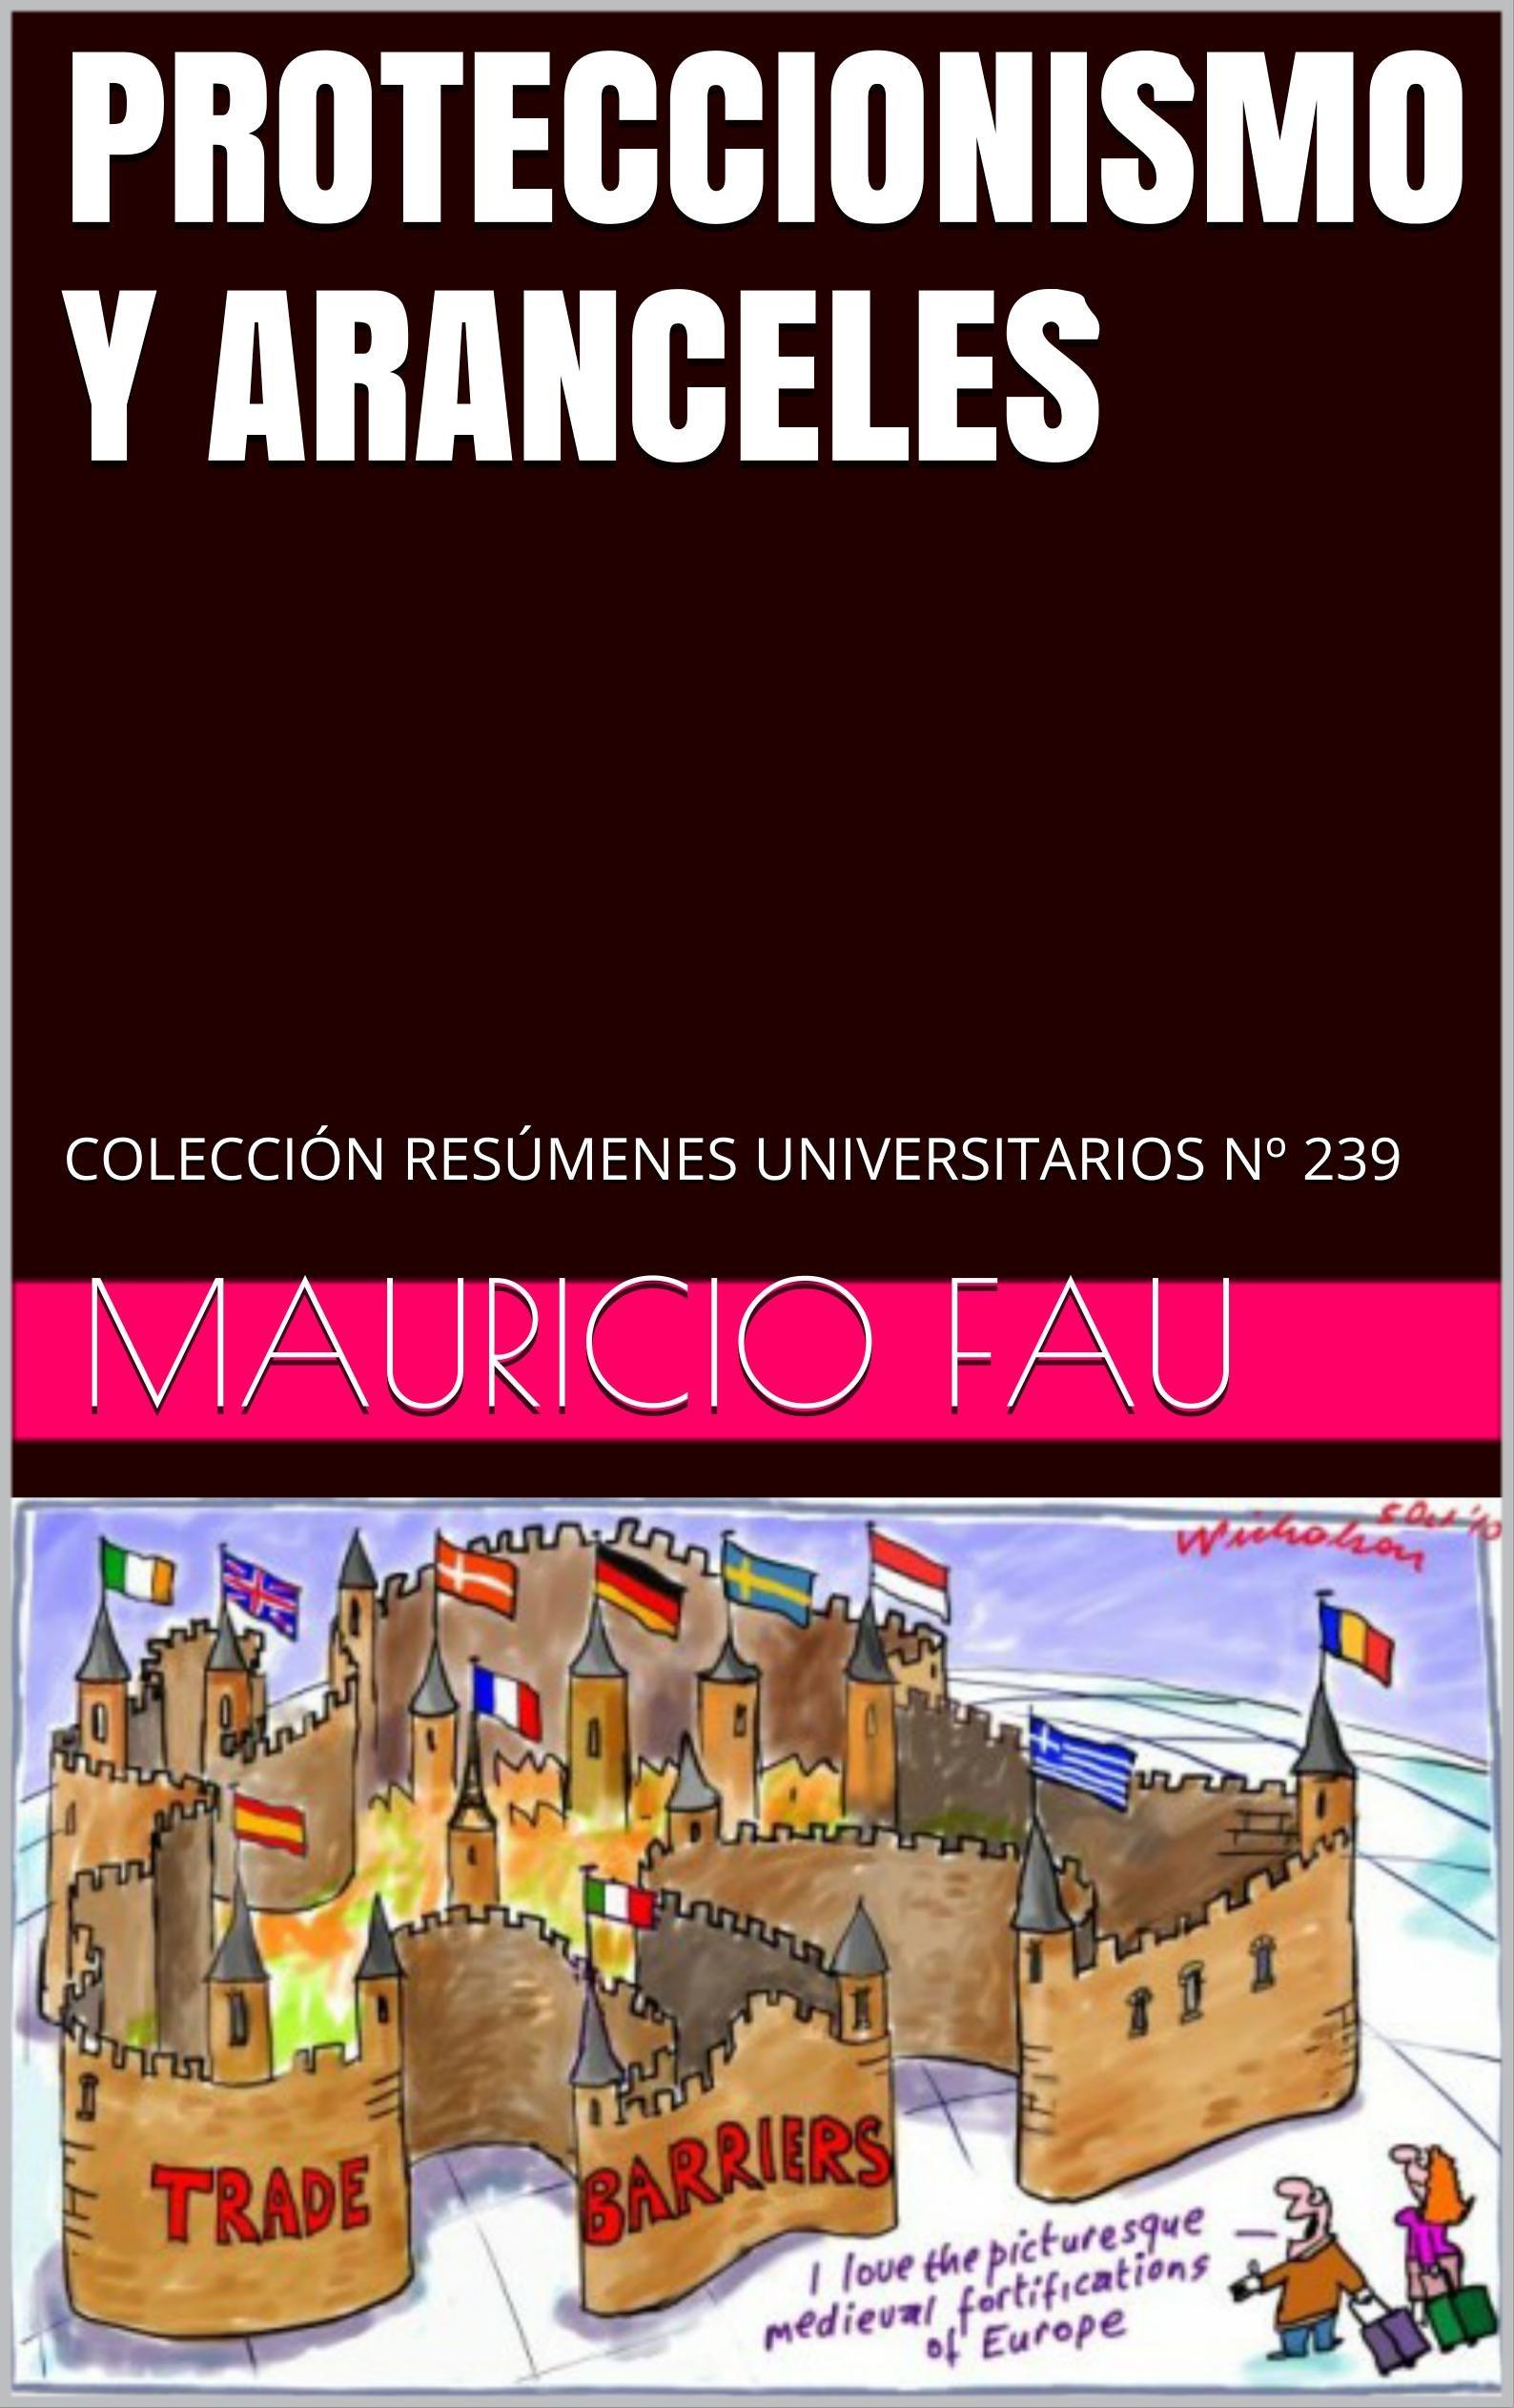 PROTECCIONISMO Y ARANCELES: COLECCIÓN RESÚMENES UNIVERSITARIOS Nº 239 (Spanish Edition)